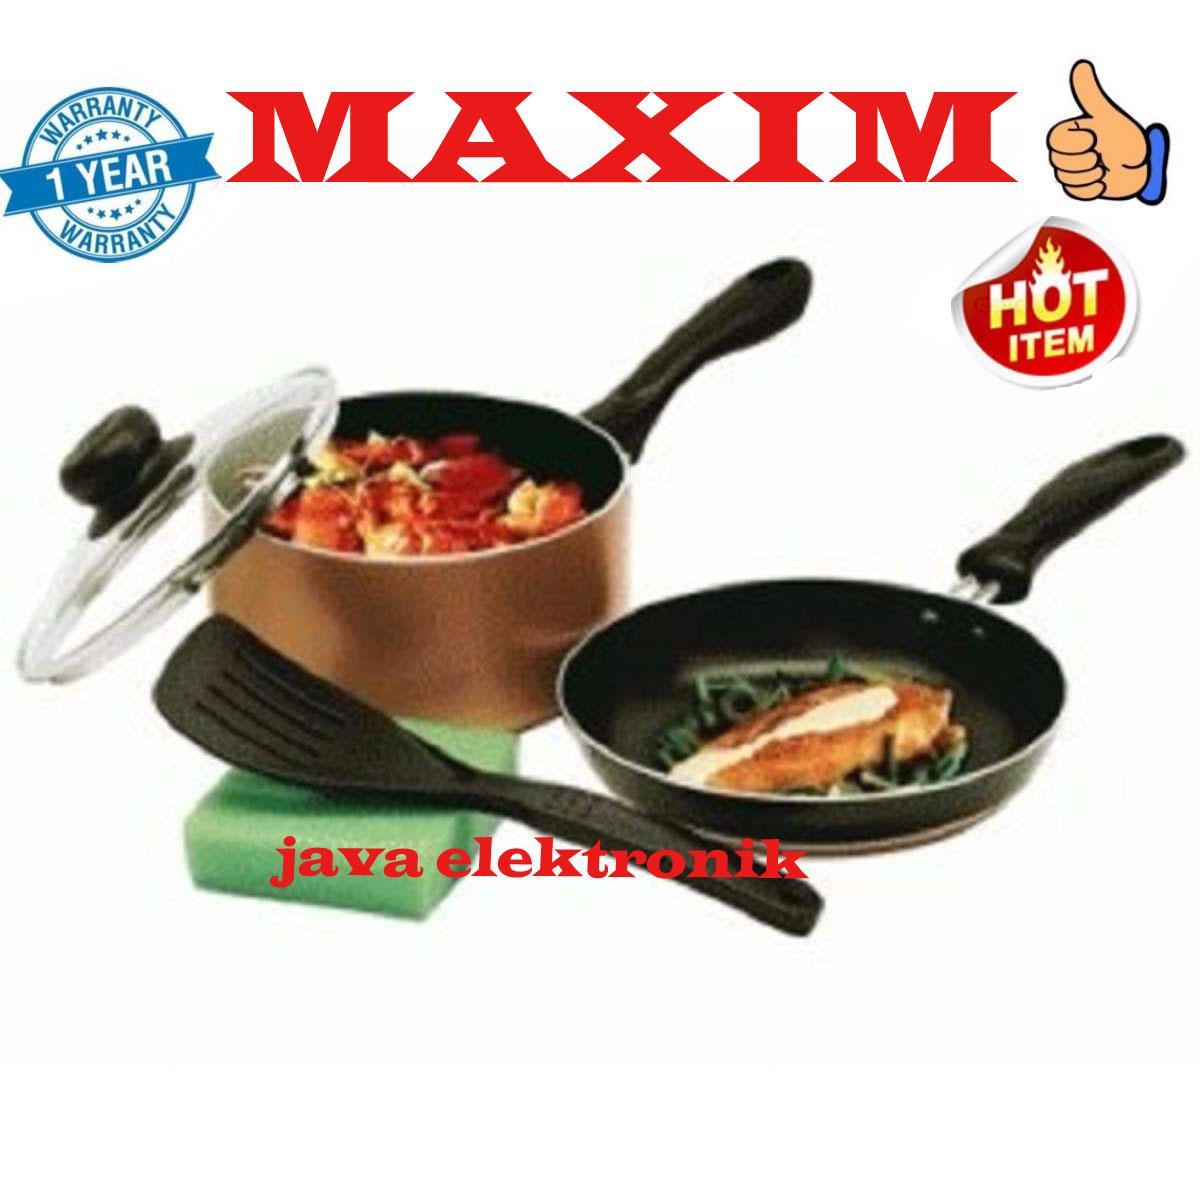 Maxim Wajan Venice Set - teflon - Black Gold